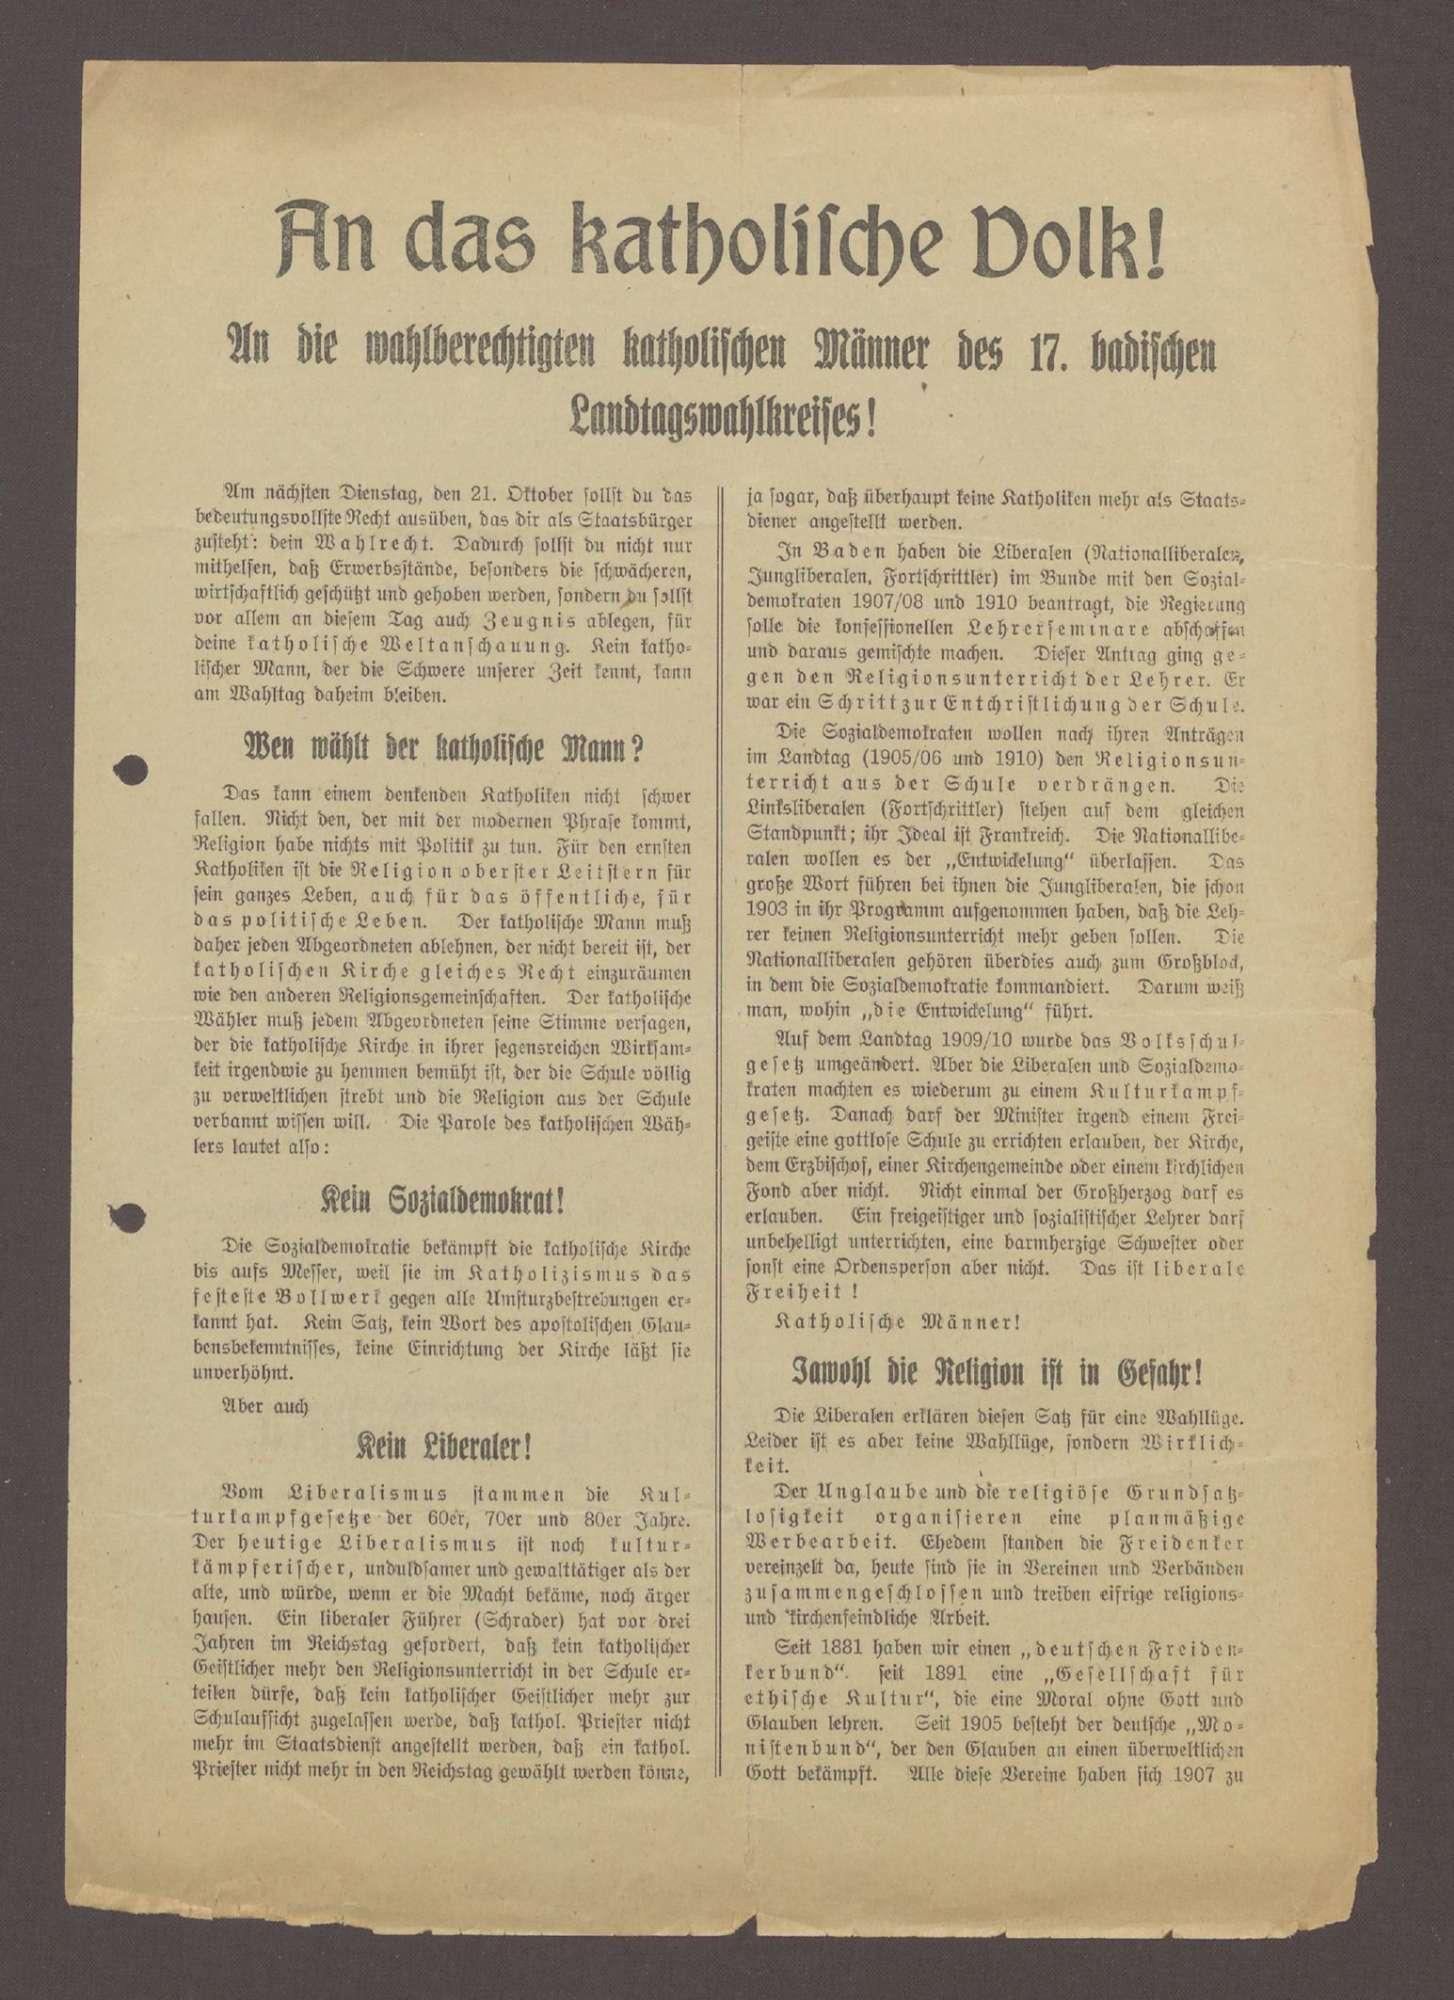 """Flugblatt: """"An das katholische Volk! An die wahlberechtigten katholischen Männer... Josef Duffner, Gutsbesitzer in Furtwangen"""", Preßverein Neustadt, Titisee-Neustadt, Bild 1"""